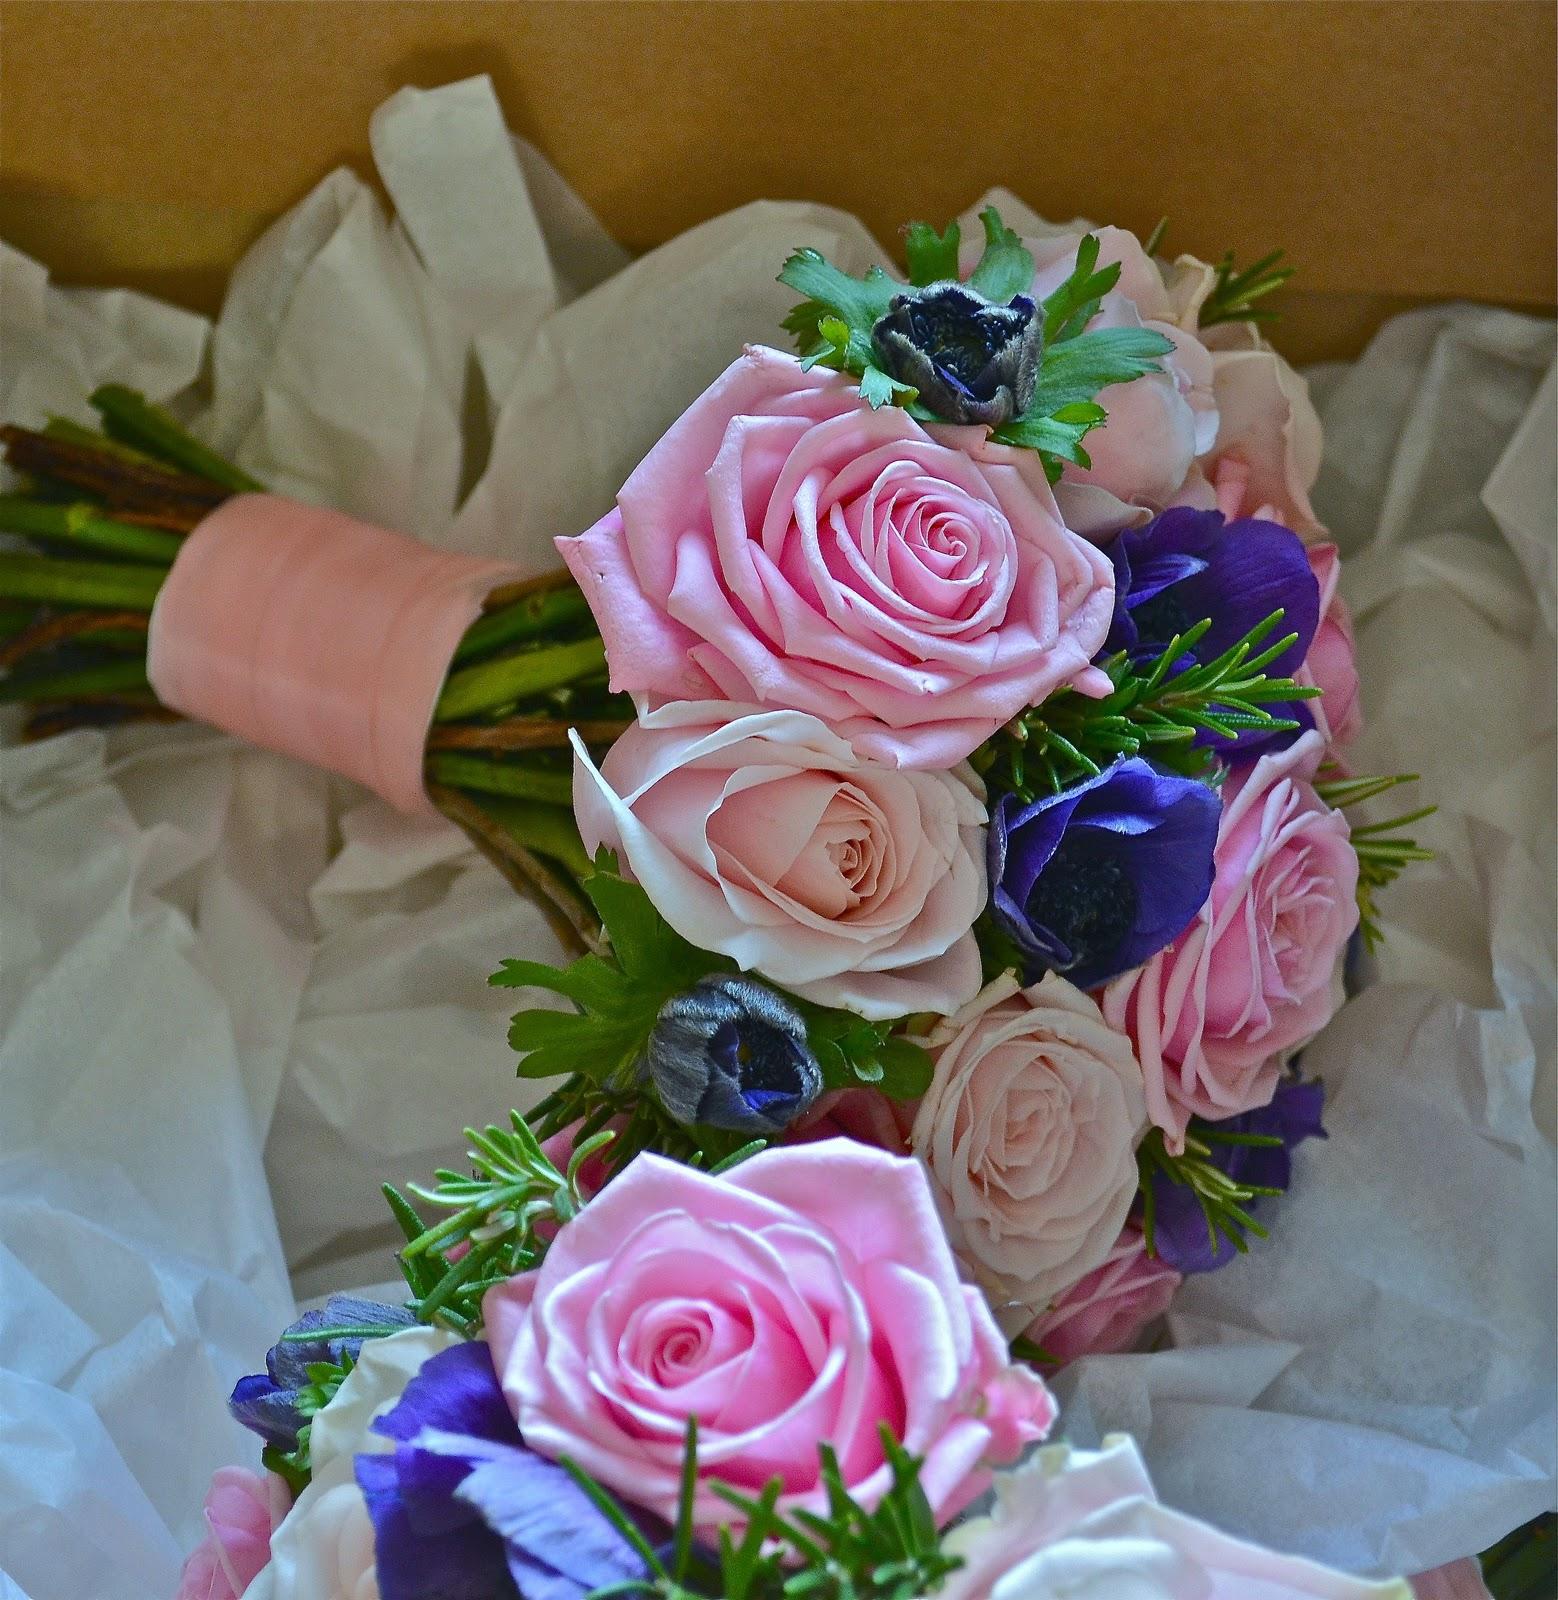 Wedding Flowers For November: Wedding Flowers Blog: November 2011